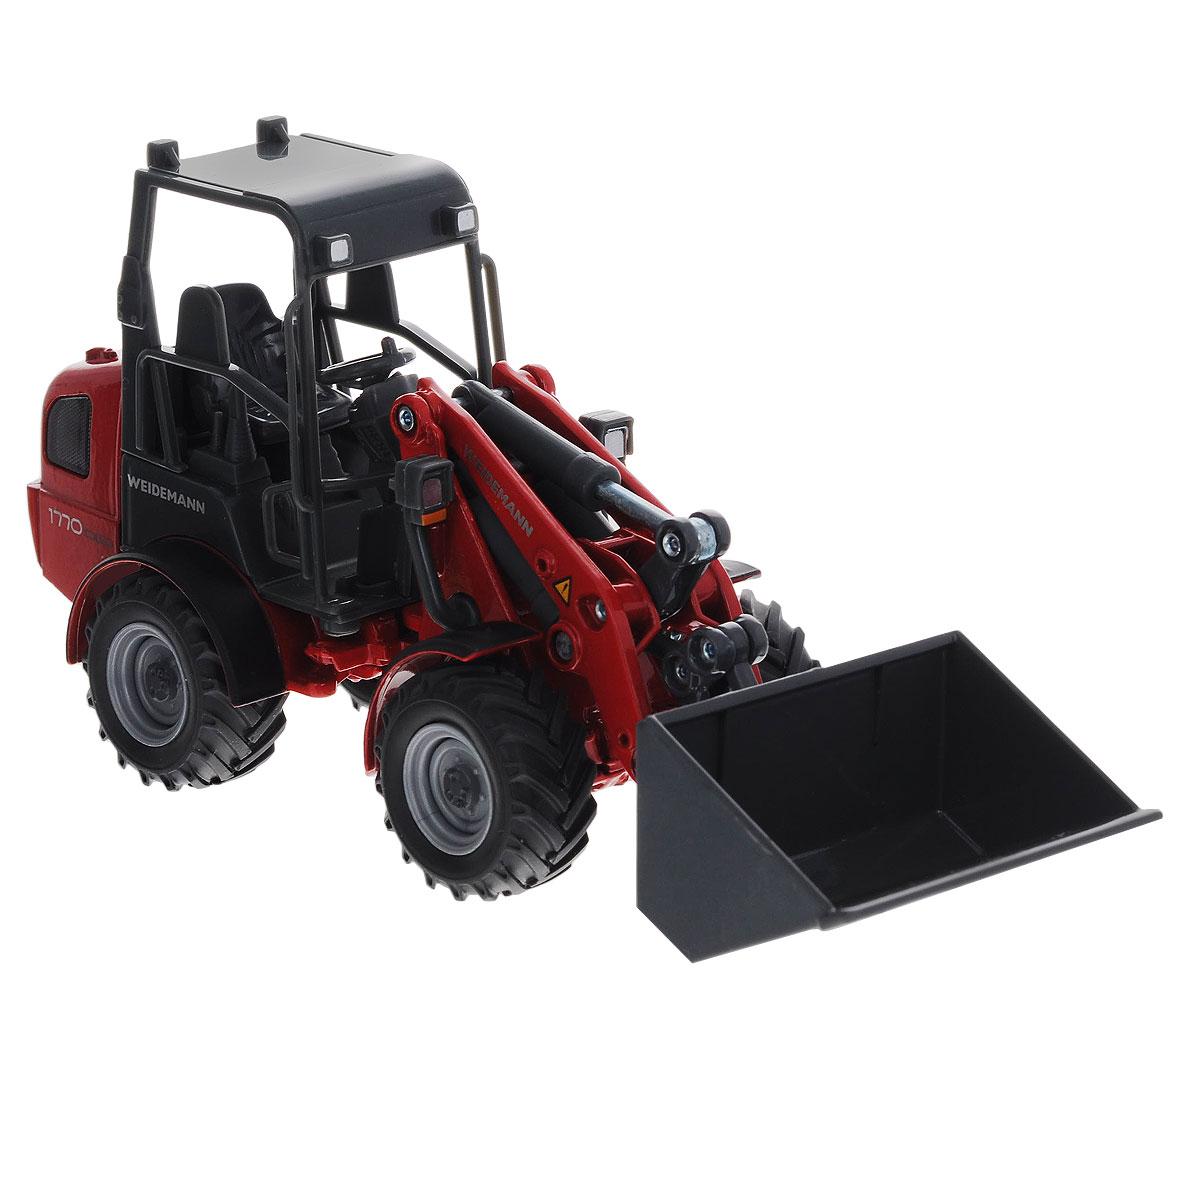 Siku Трактор Weidemann Hoftrac3059Коллекционная модель Siku Трактор Weidemann Hoftrac выполнена в виде точной копии трактора с ковшом в масштабе 1/32. Такая модель понравится не только ребенку, но и взрослому коллекционеру и приятно удивит вас высочайшим качеством исполнения. Корпус трактора выполнен из металла, а кабина трактора и ковш выполнены из пластика. Стрела и ковш поднимаются и опускаются. Колесики модели вращаются. Коллекционная модель отличается великолепным качеством исполнения и детальной проработкой, она станет не только интересной игрушкой для ребенка, интересующегося агротехникой, но и займет достойное место в коллекции.